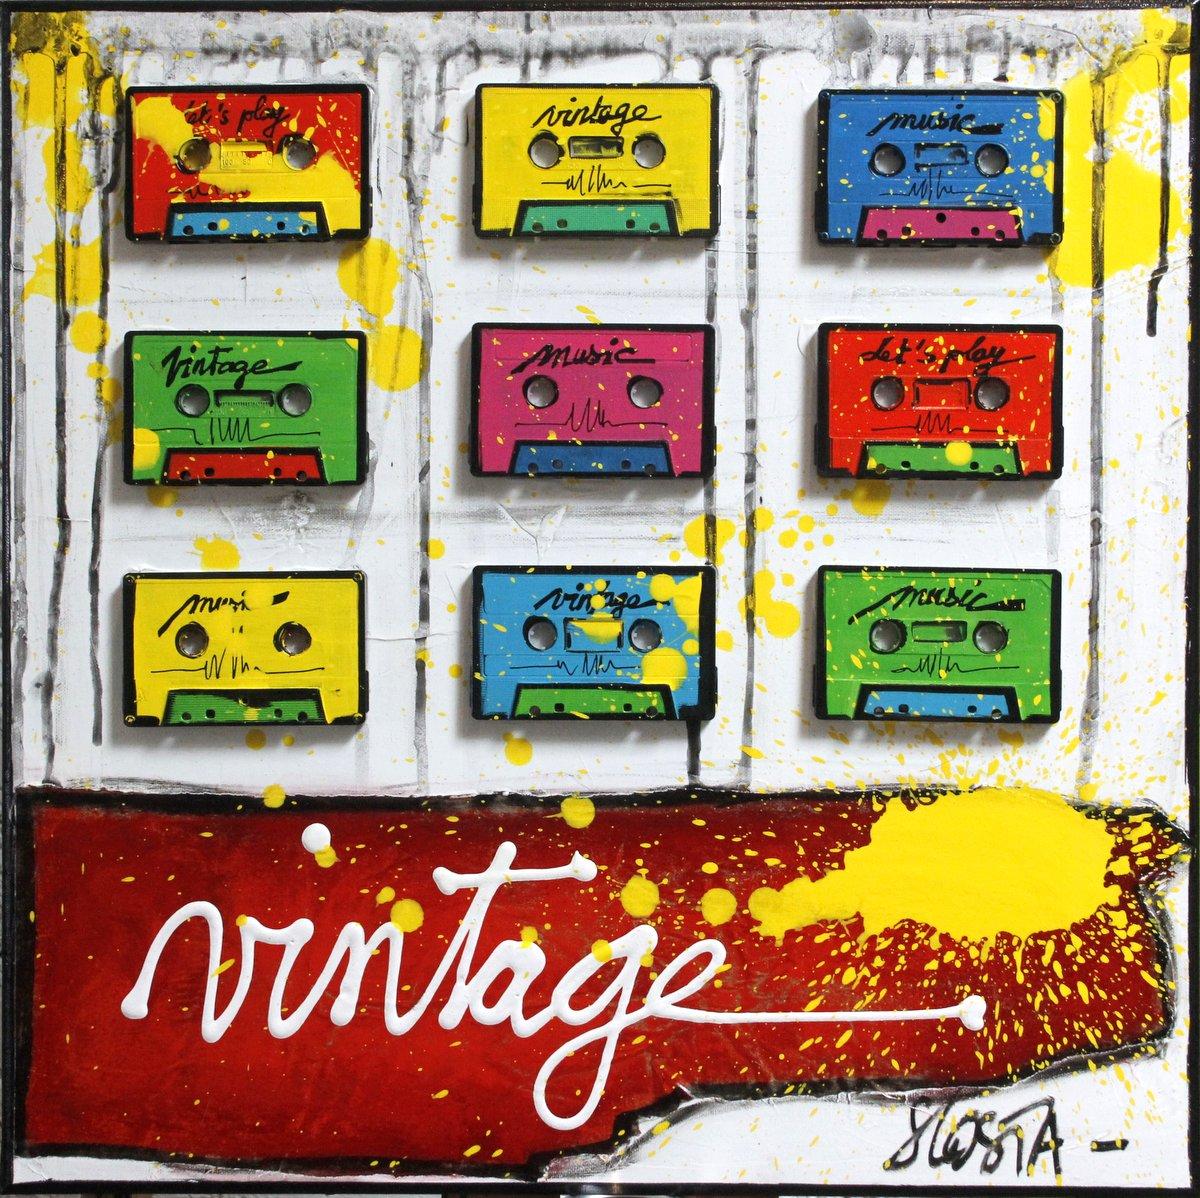 collage, multicolore, cassettes audio, vintage, music Tableau Contemporain, VINTAGE TAPE. Sophie Costa, artiste peintre.